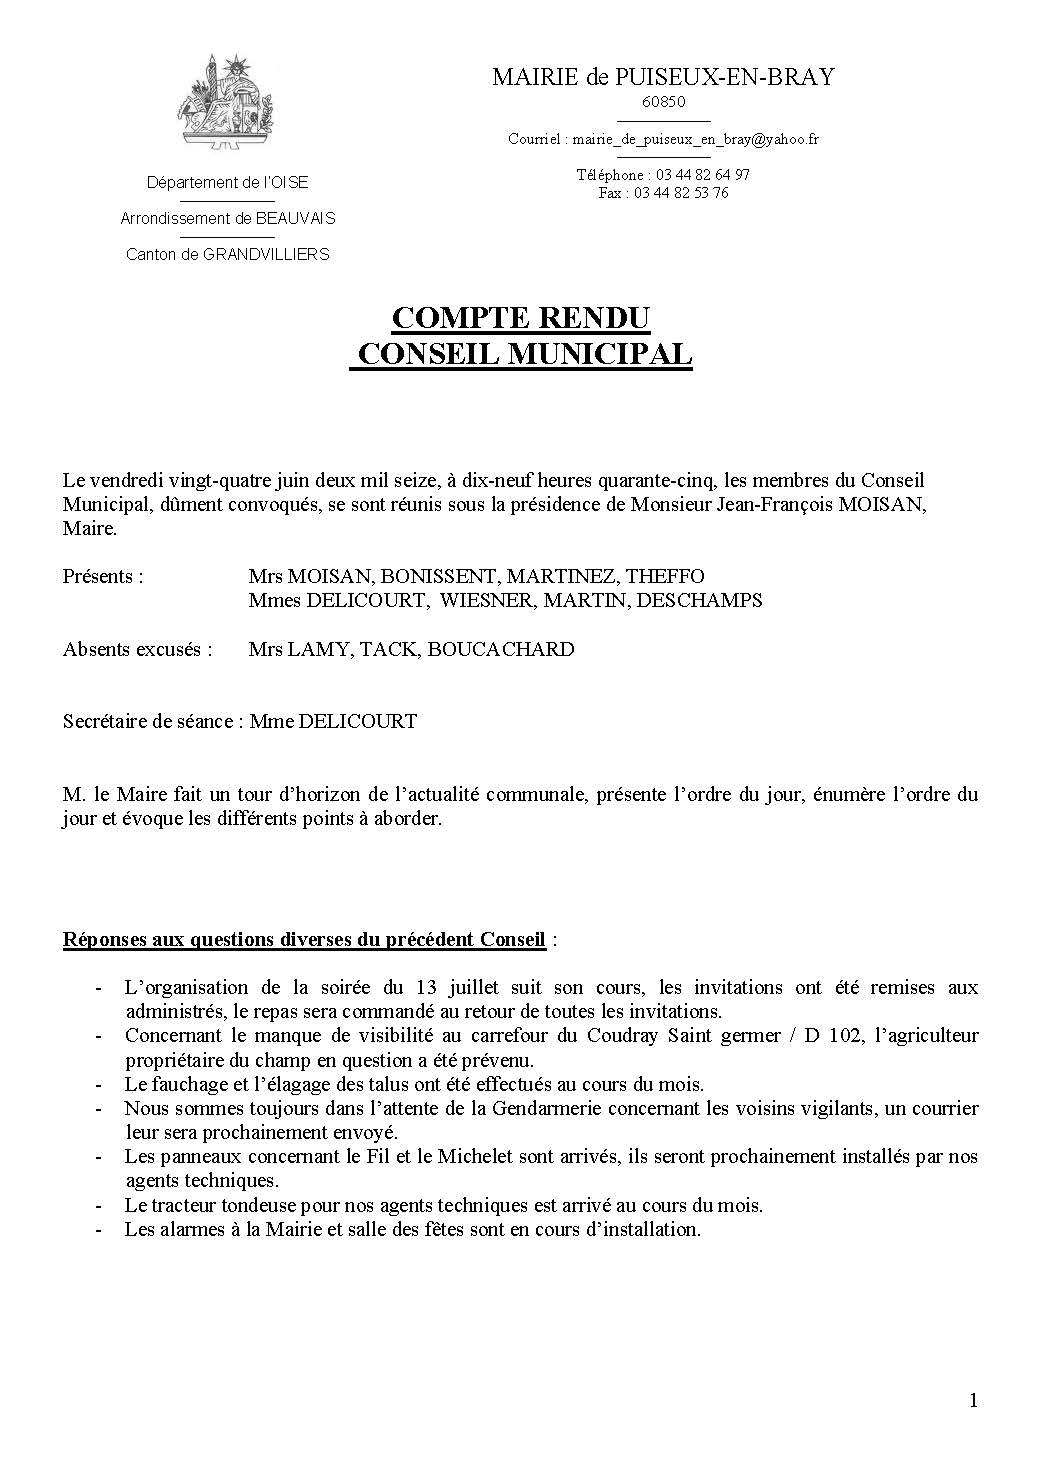 cr-du-24062016-page-1